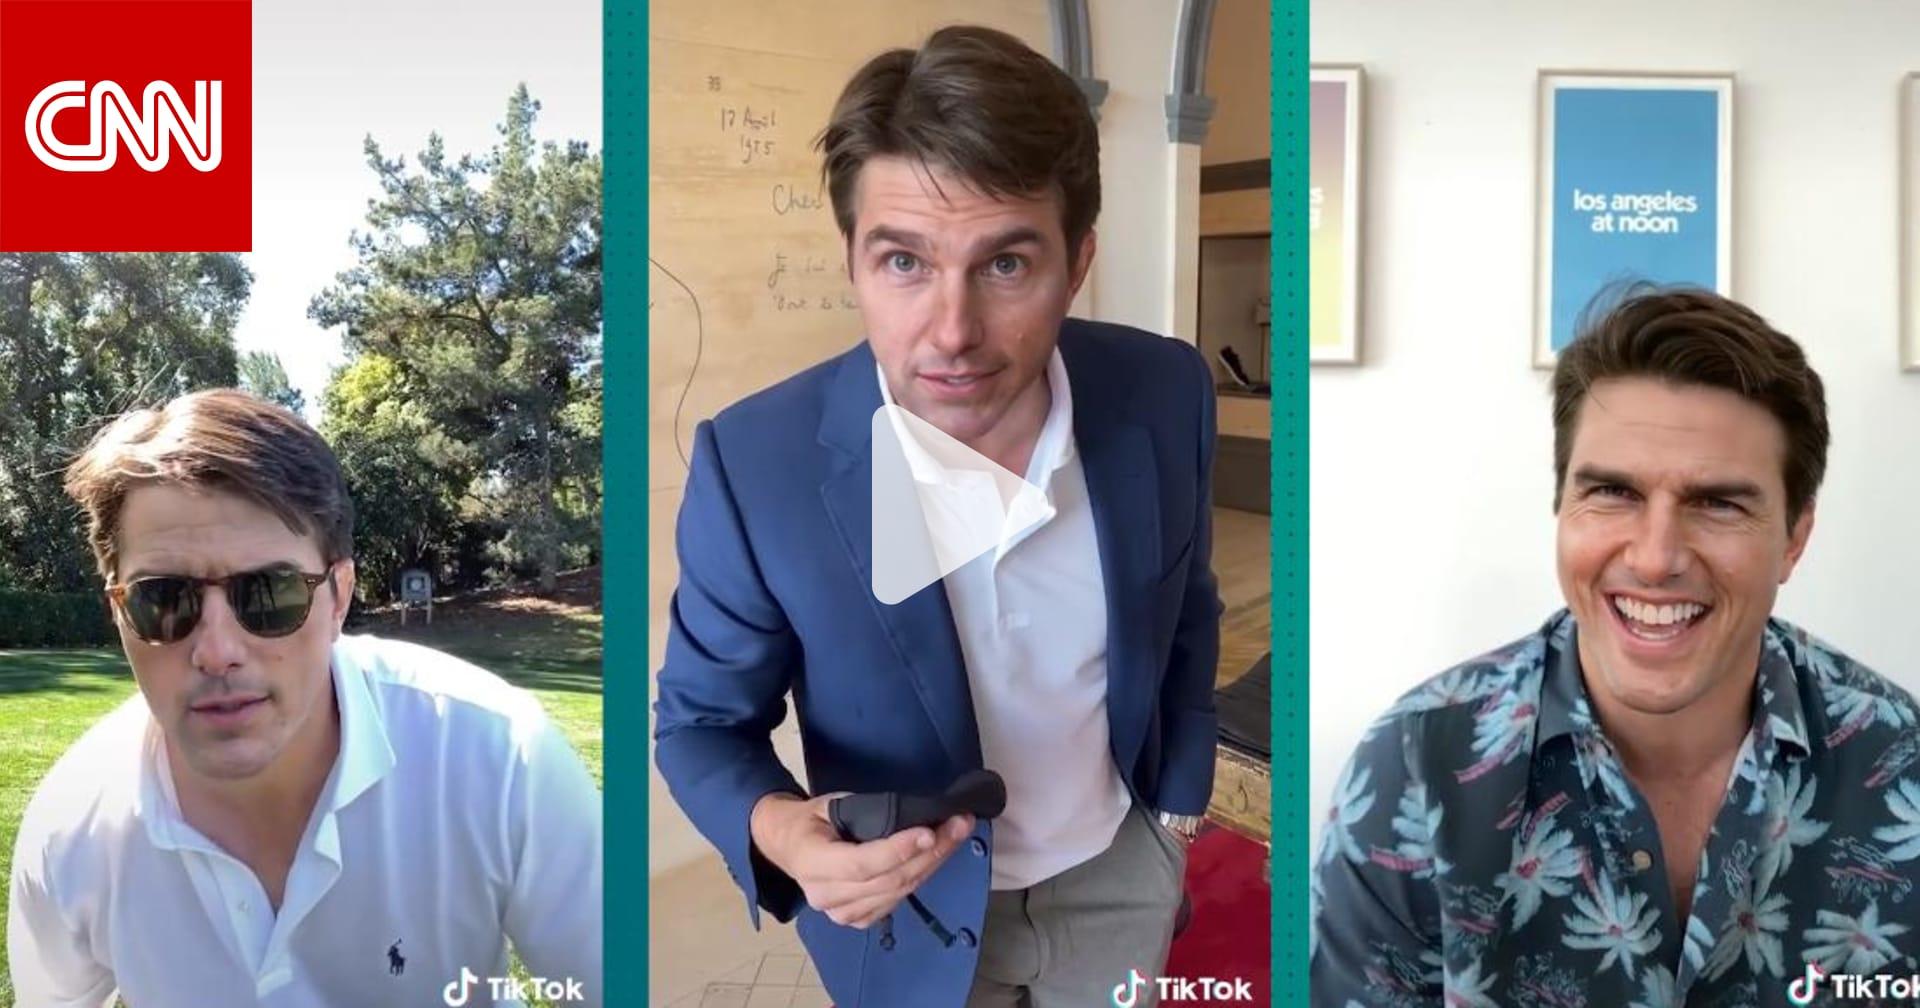 أداة تكنولوجية خطيرة.. فيديو نُسب لتوم كروز على تيك توك يثير الرعب